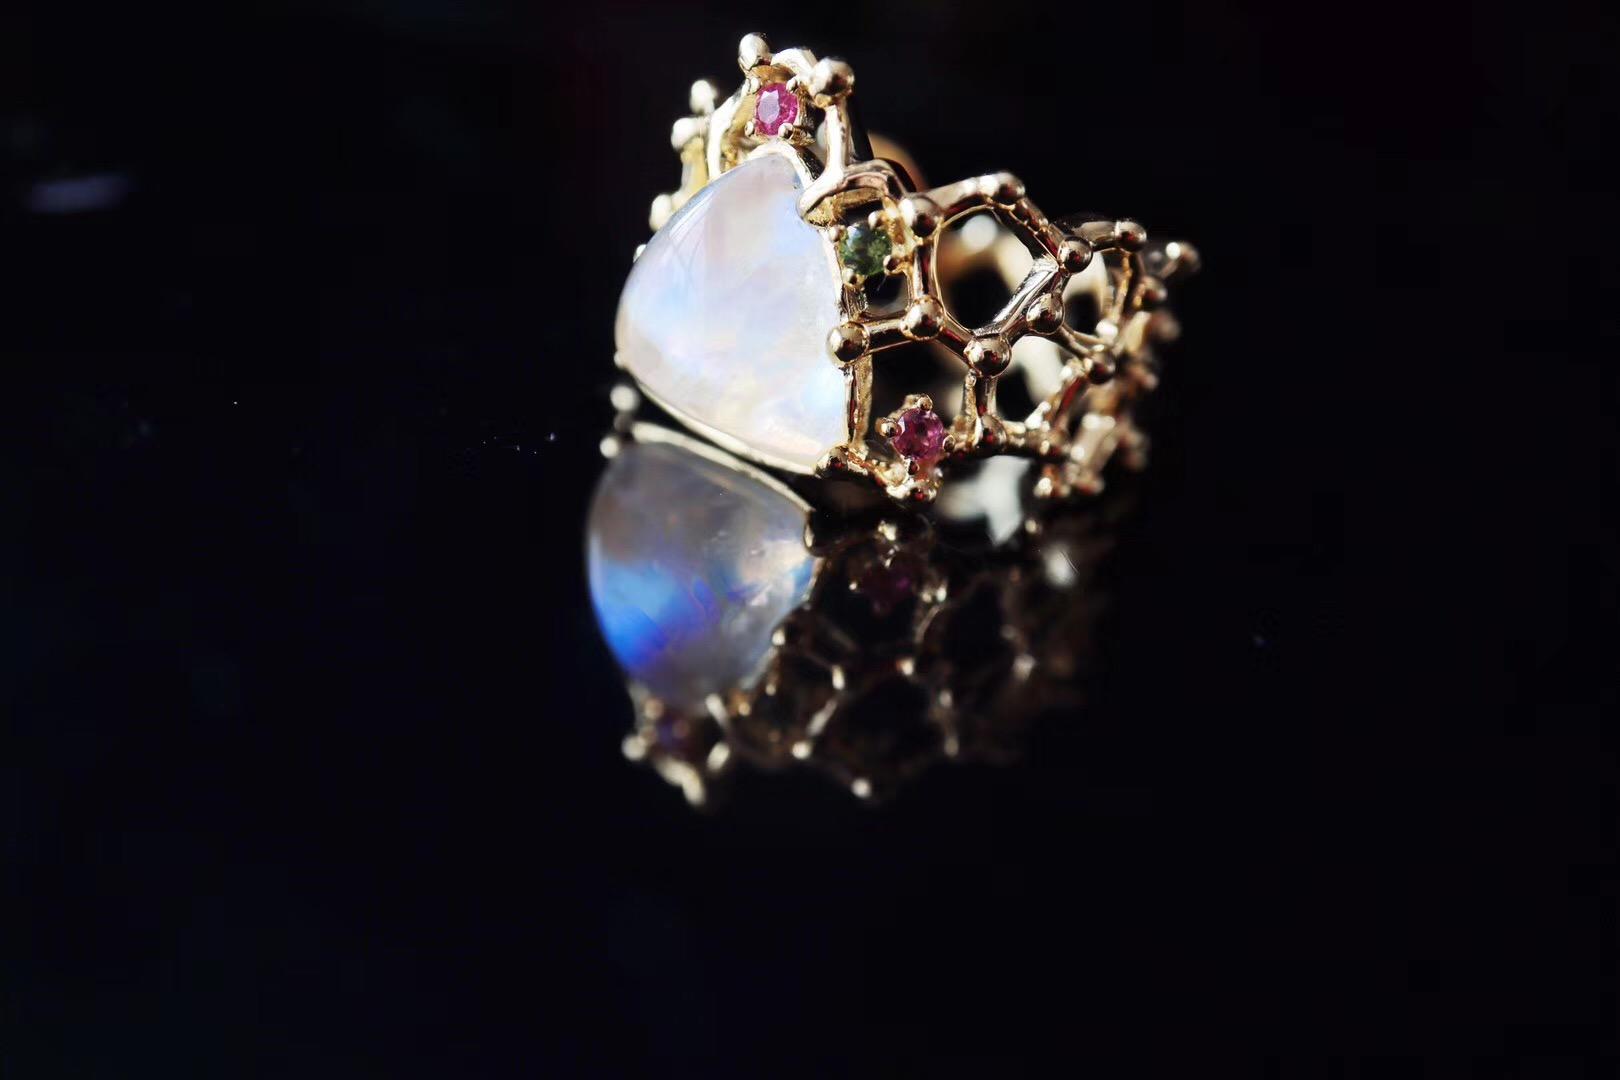 【月光石&碧玺】蜂巢月光皇冠~美到我心里了-菩心晶舍